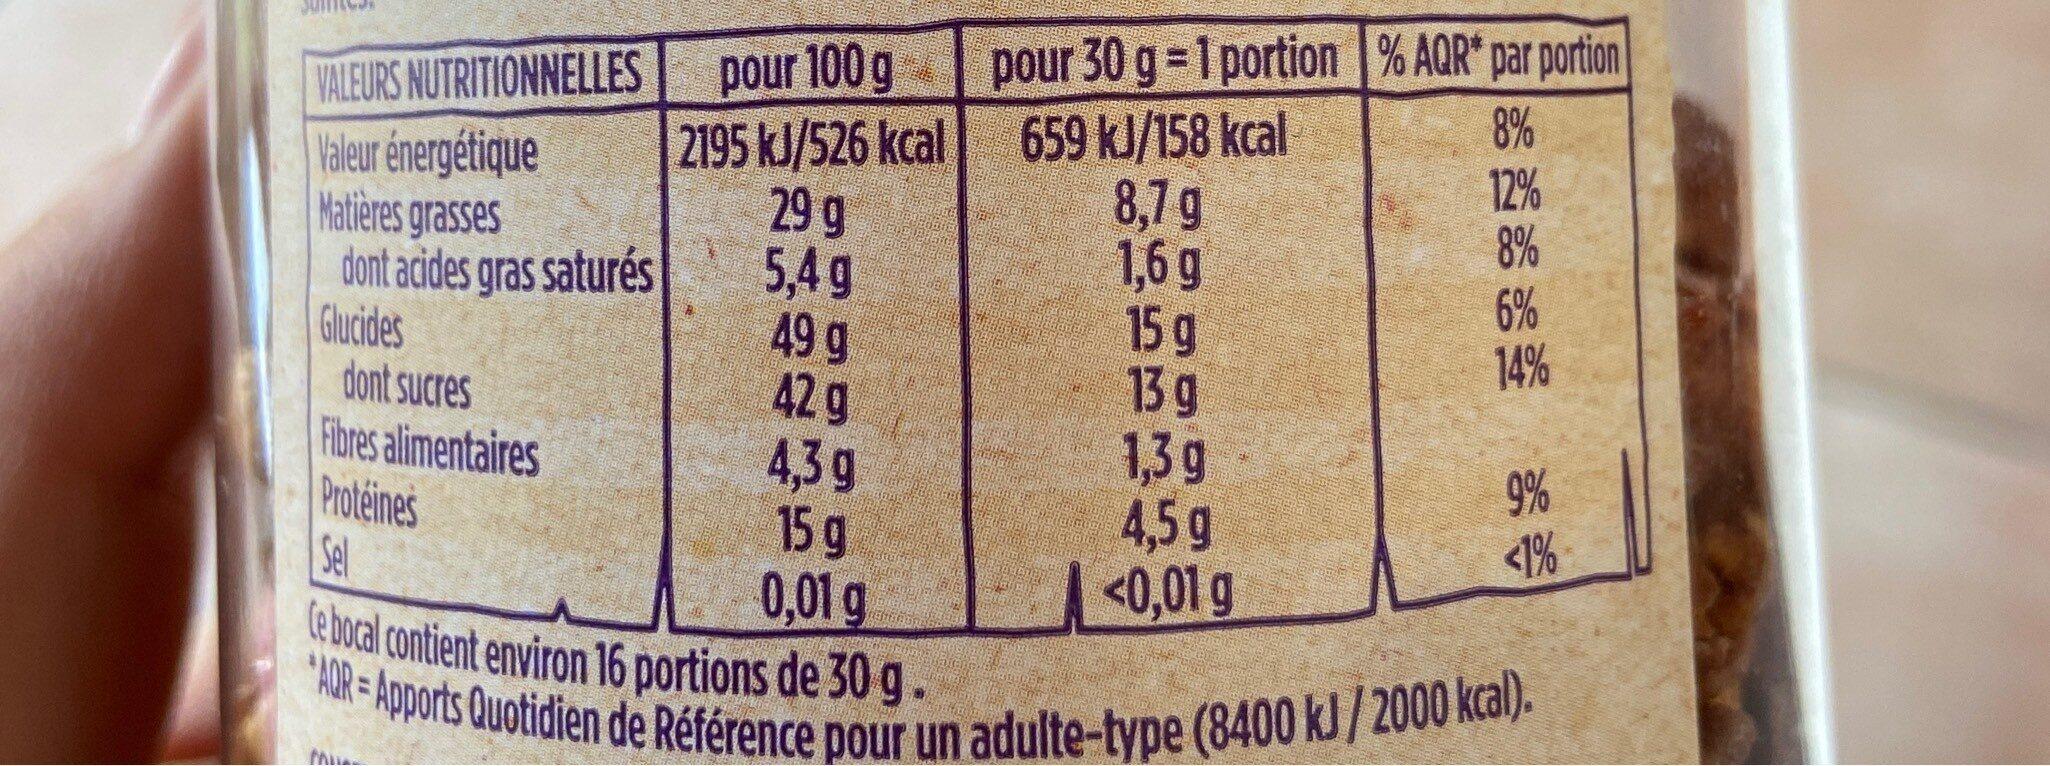 Chouchou cacahuètes sucrées - Informations nutritionnelles - fr